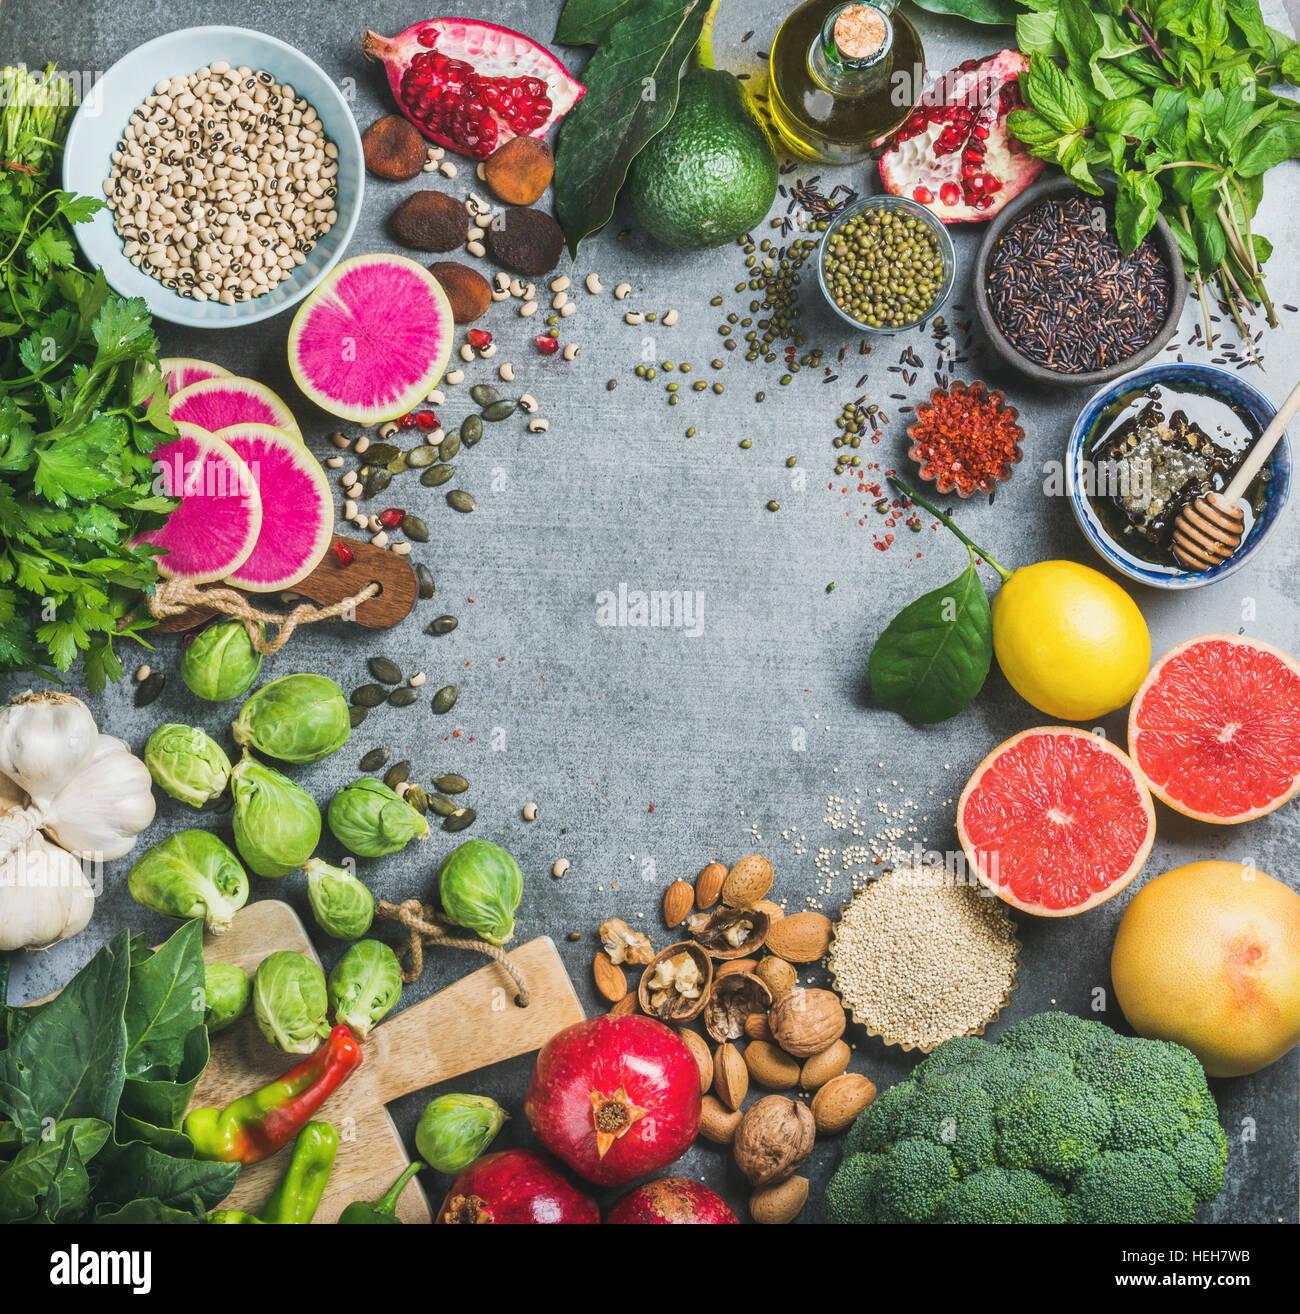 Concept de l'alimentation propre. Variété de légumes, fruits, graines, céréales, haricots, Photo Stock